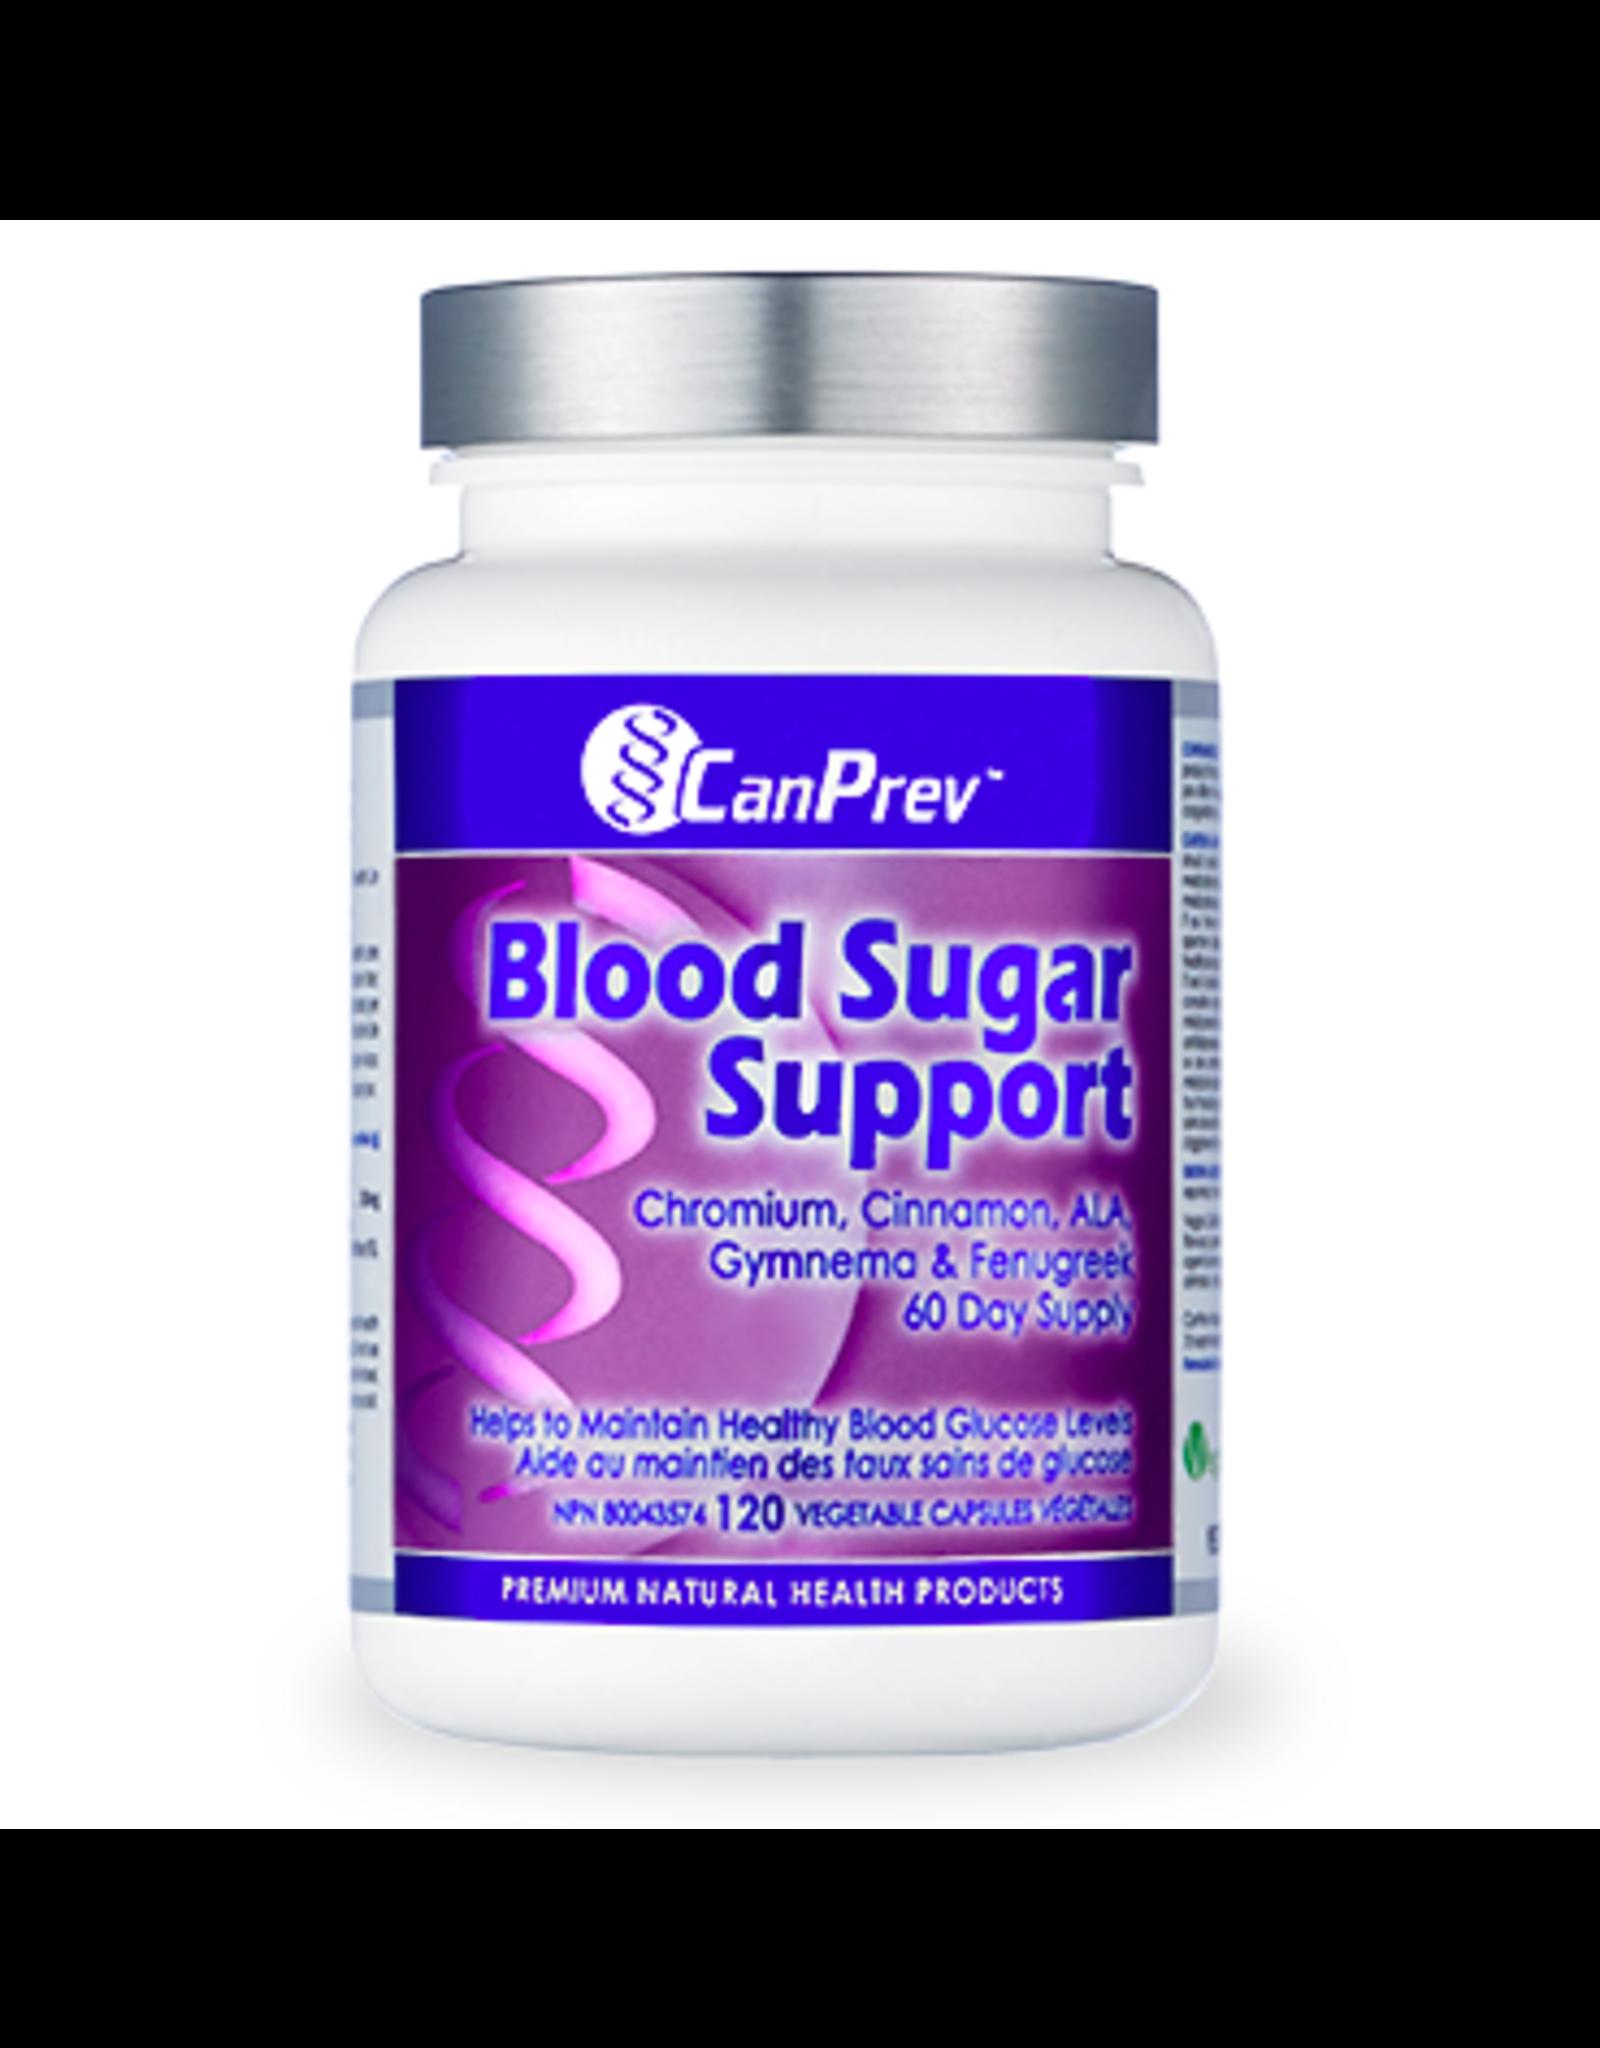 CanPrev Blood Sugar Support